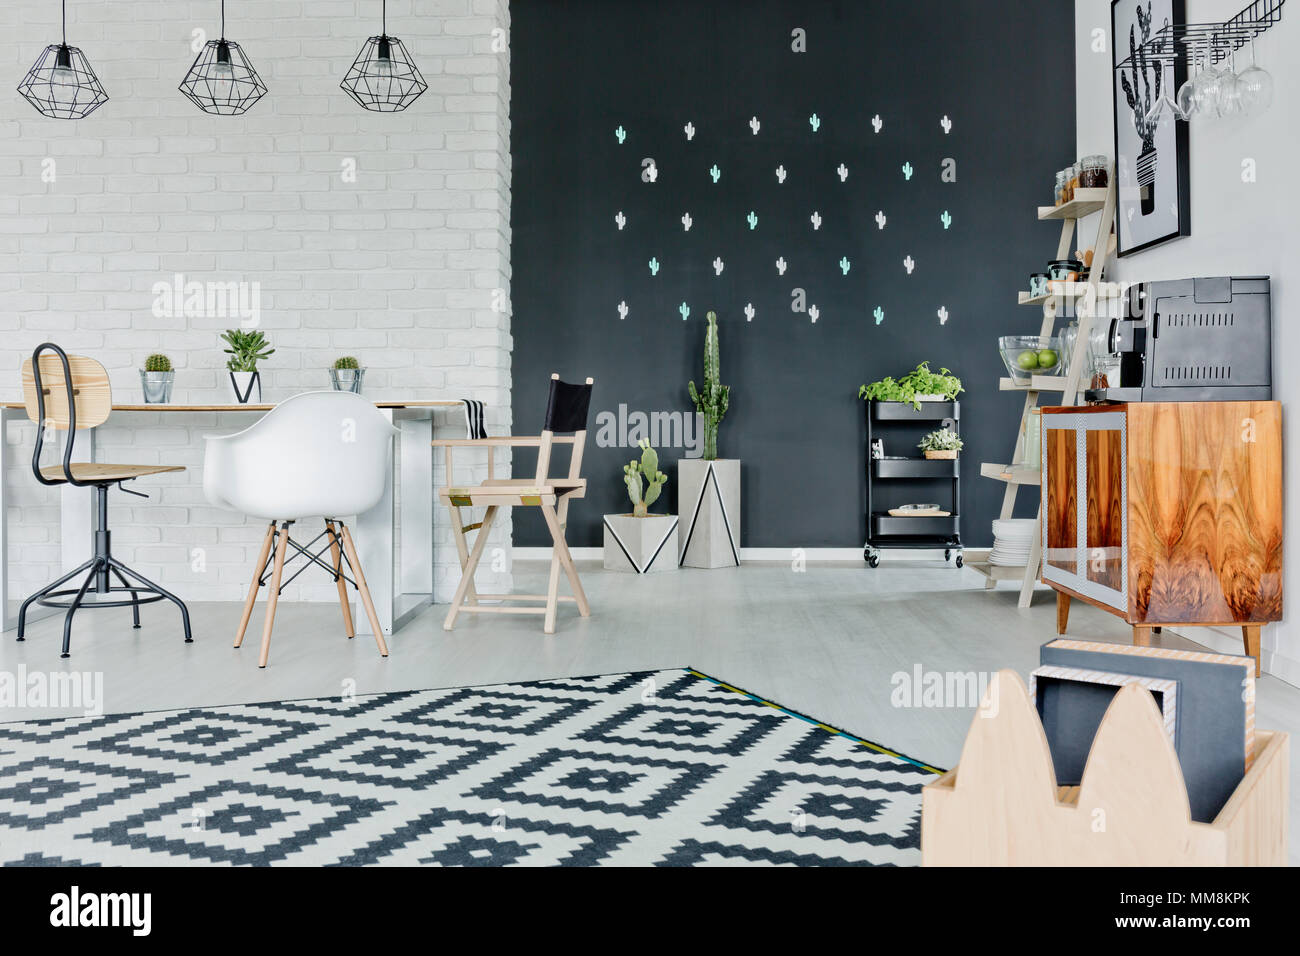 Pareti Di Lavagna : Una casa creativa per tutta la famiglia con una parete lavagna dilei